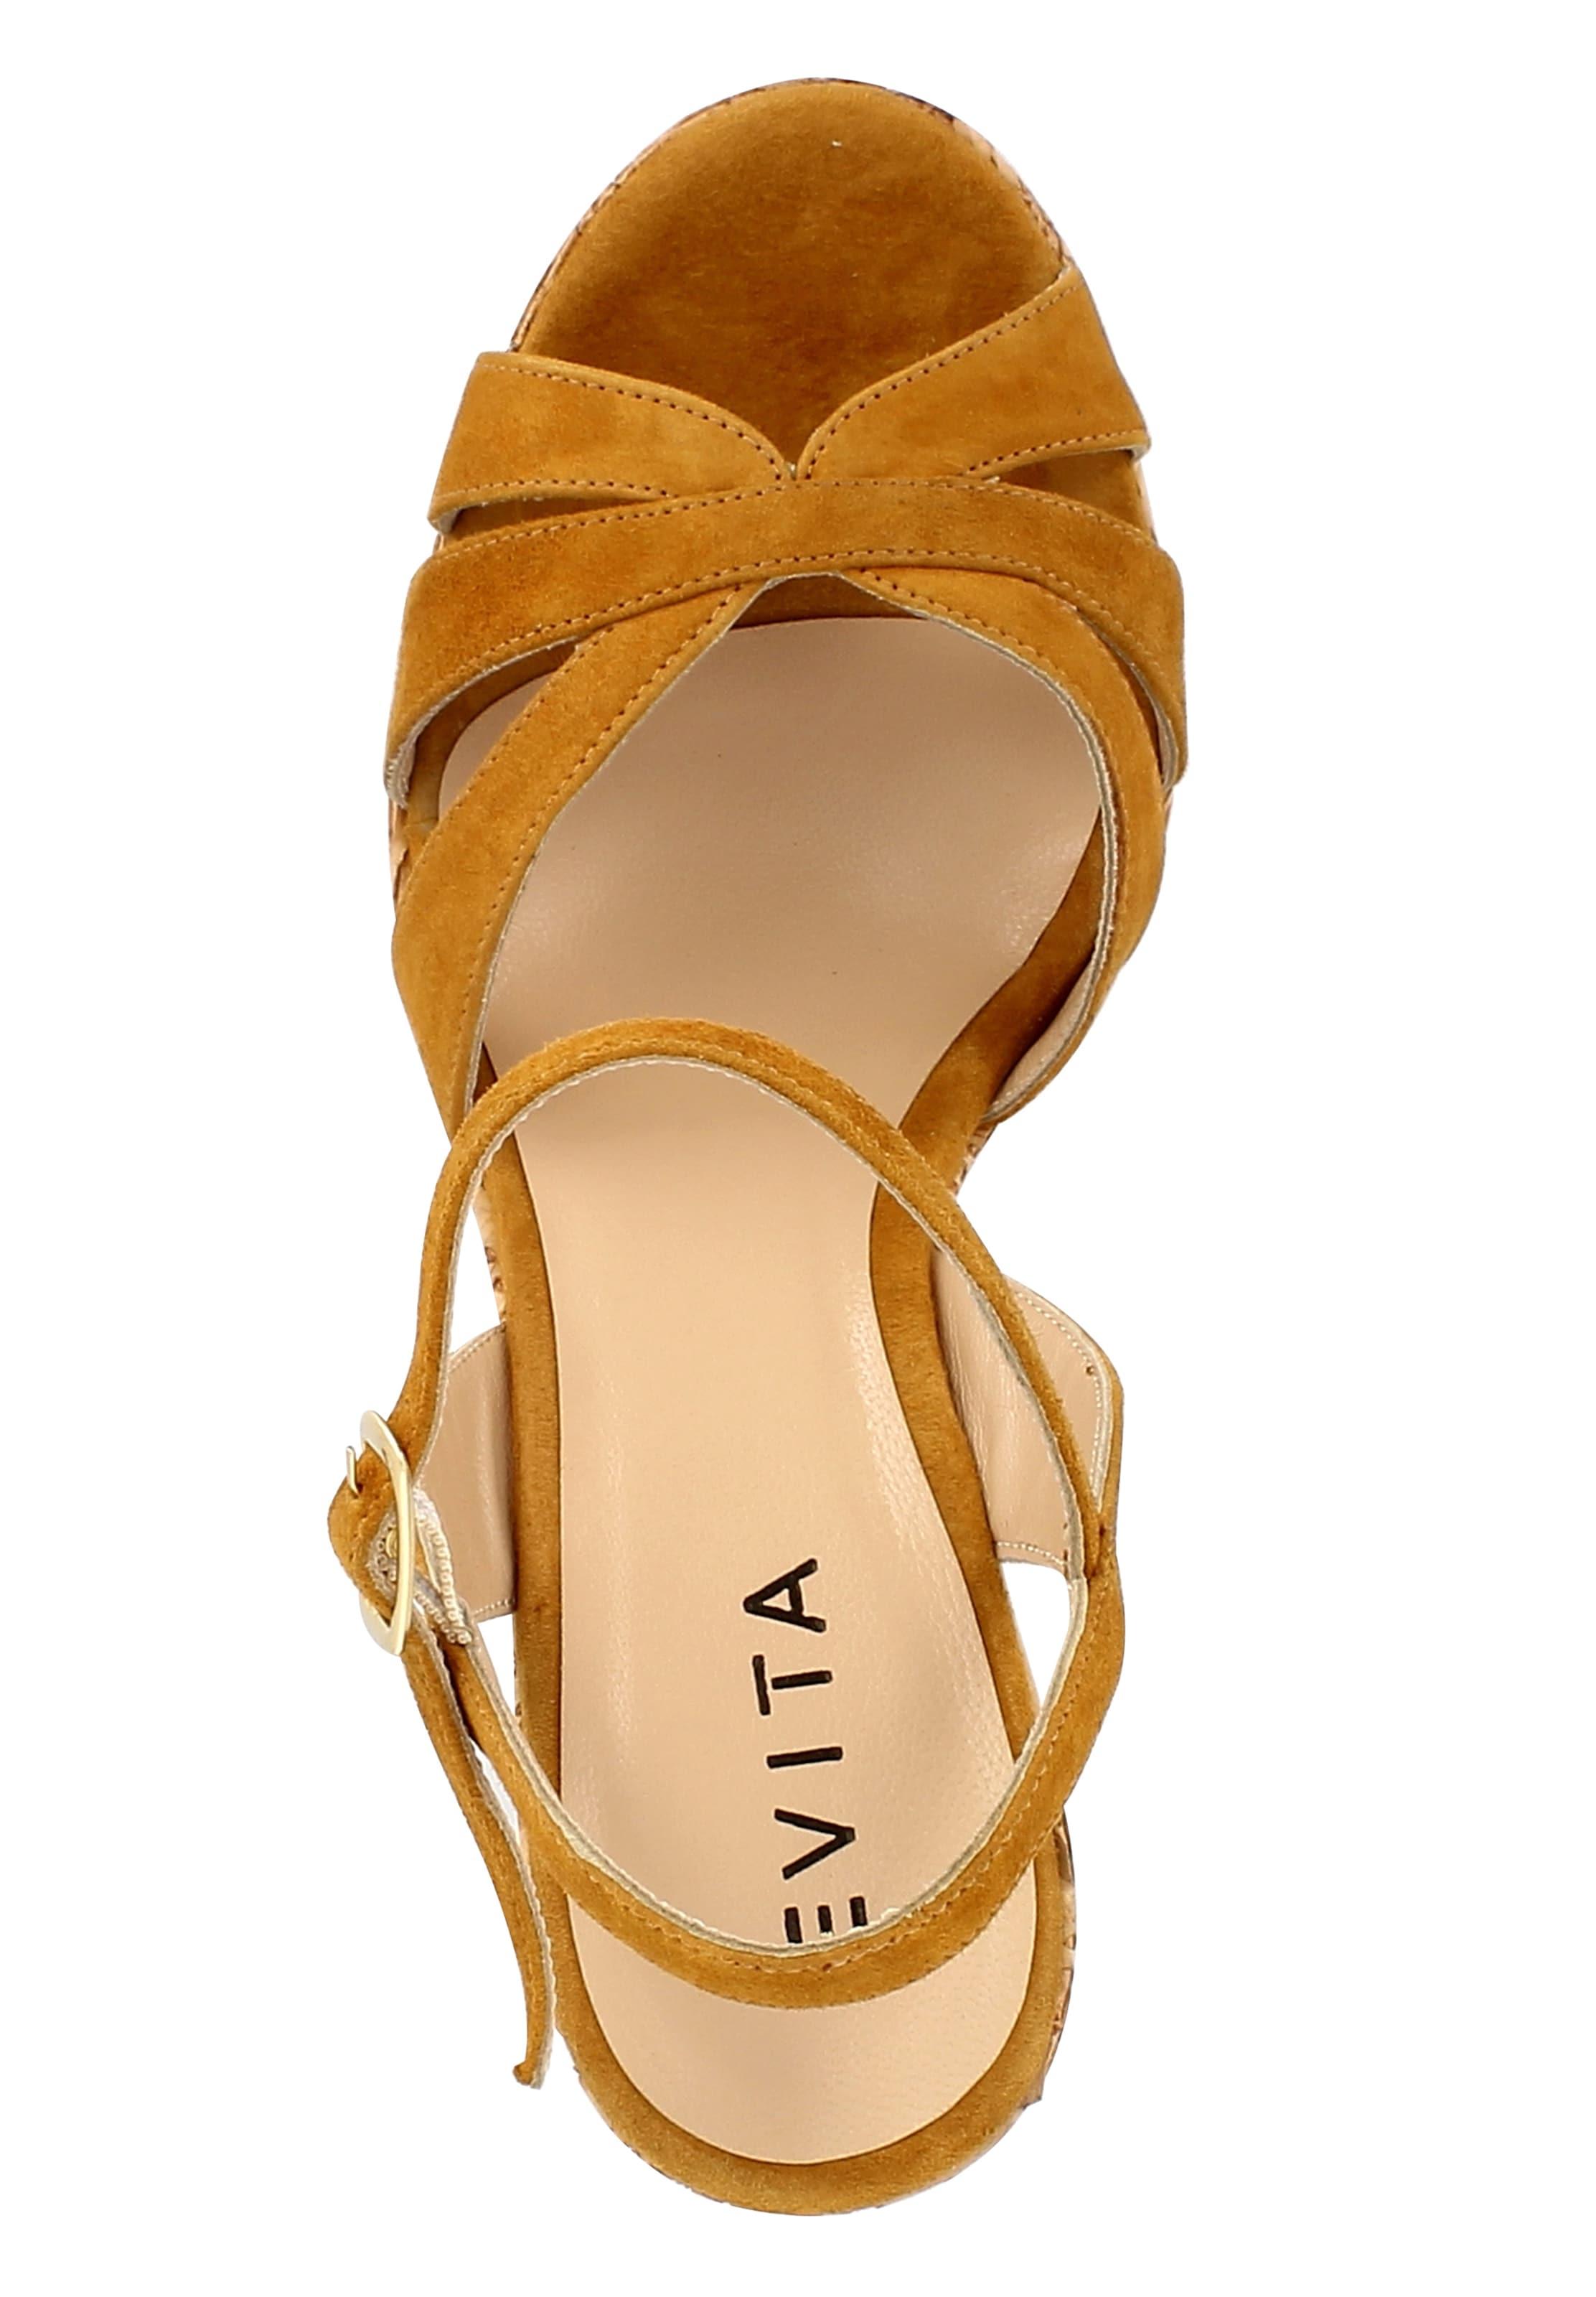 EVITA Damen Sandalette Kostenloser Versand Kddbs